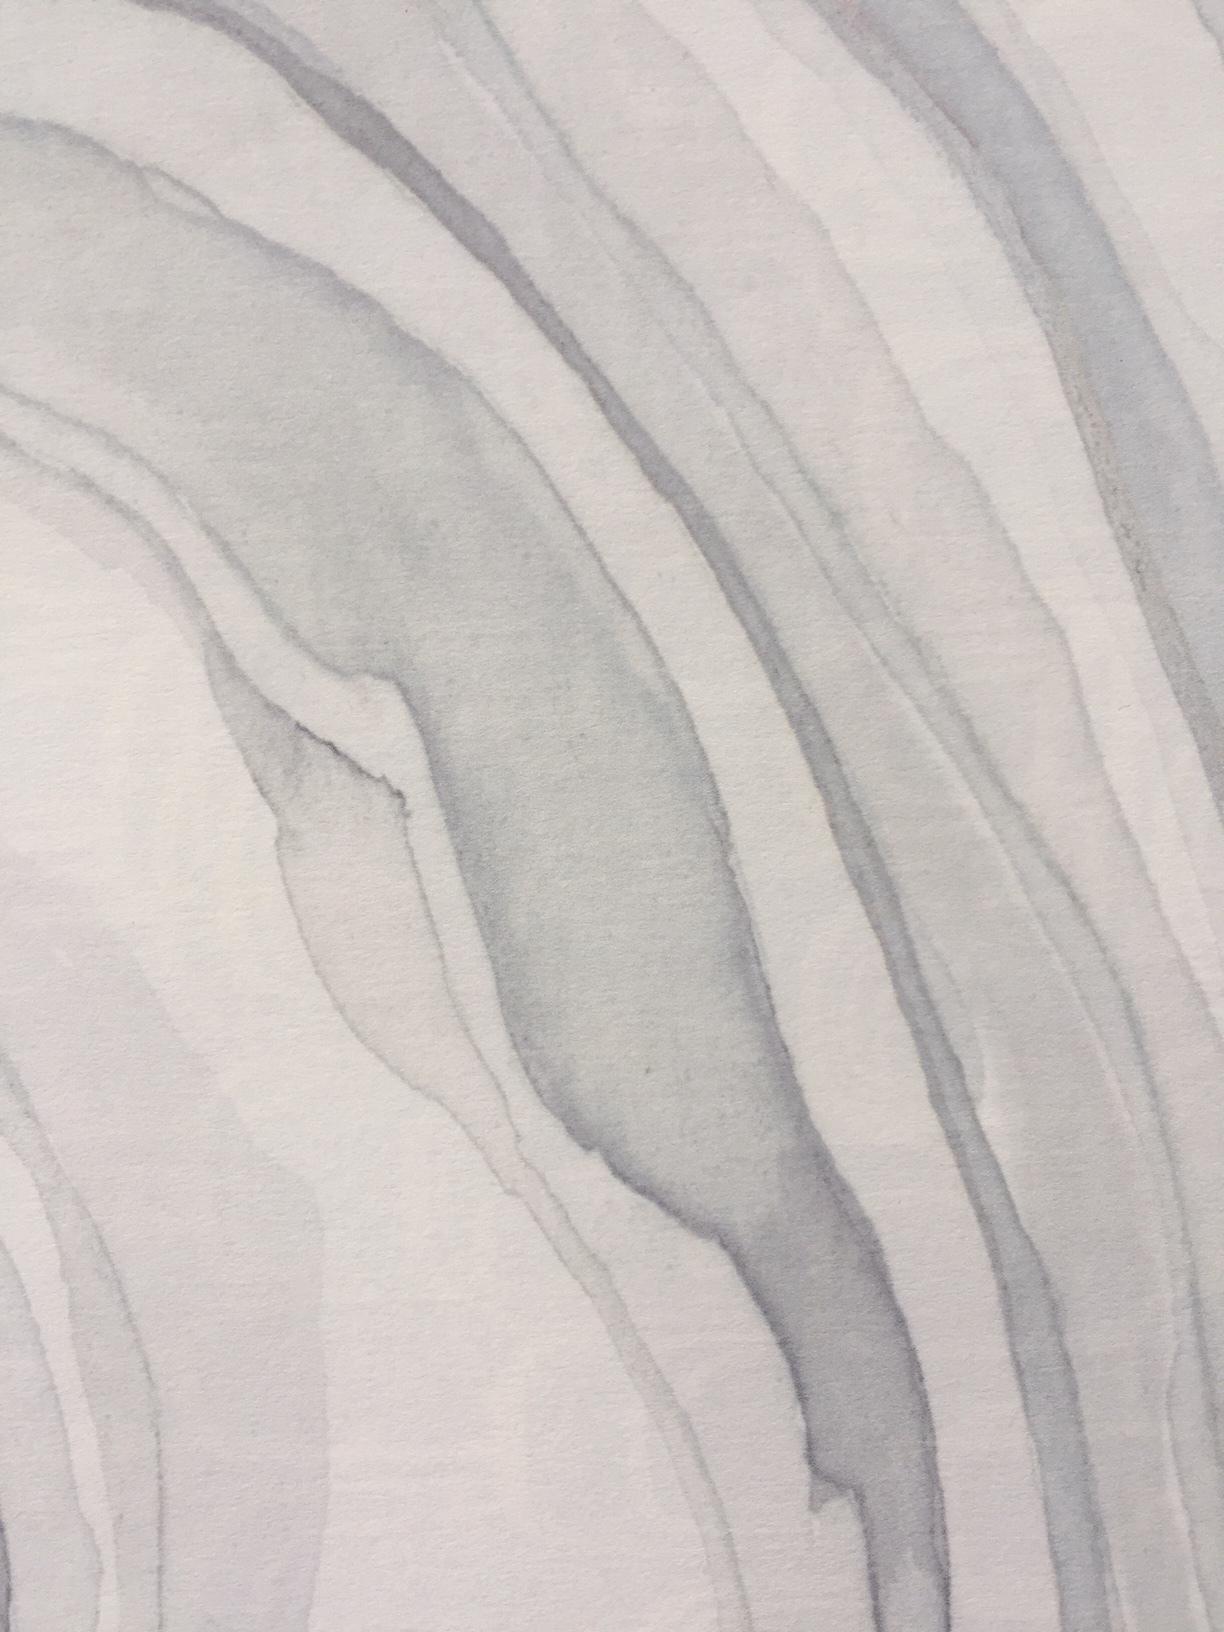 shellrummelwallpaper8.JPG